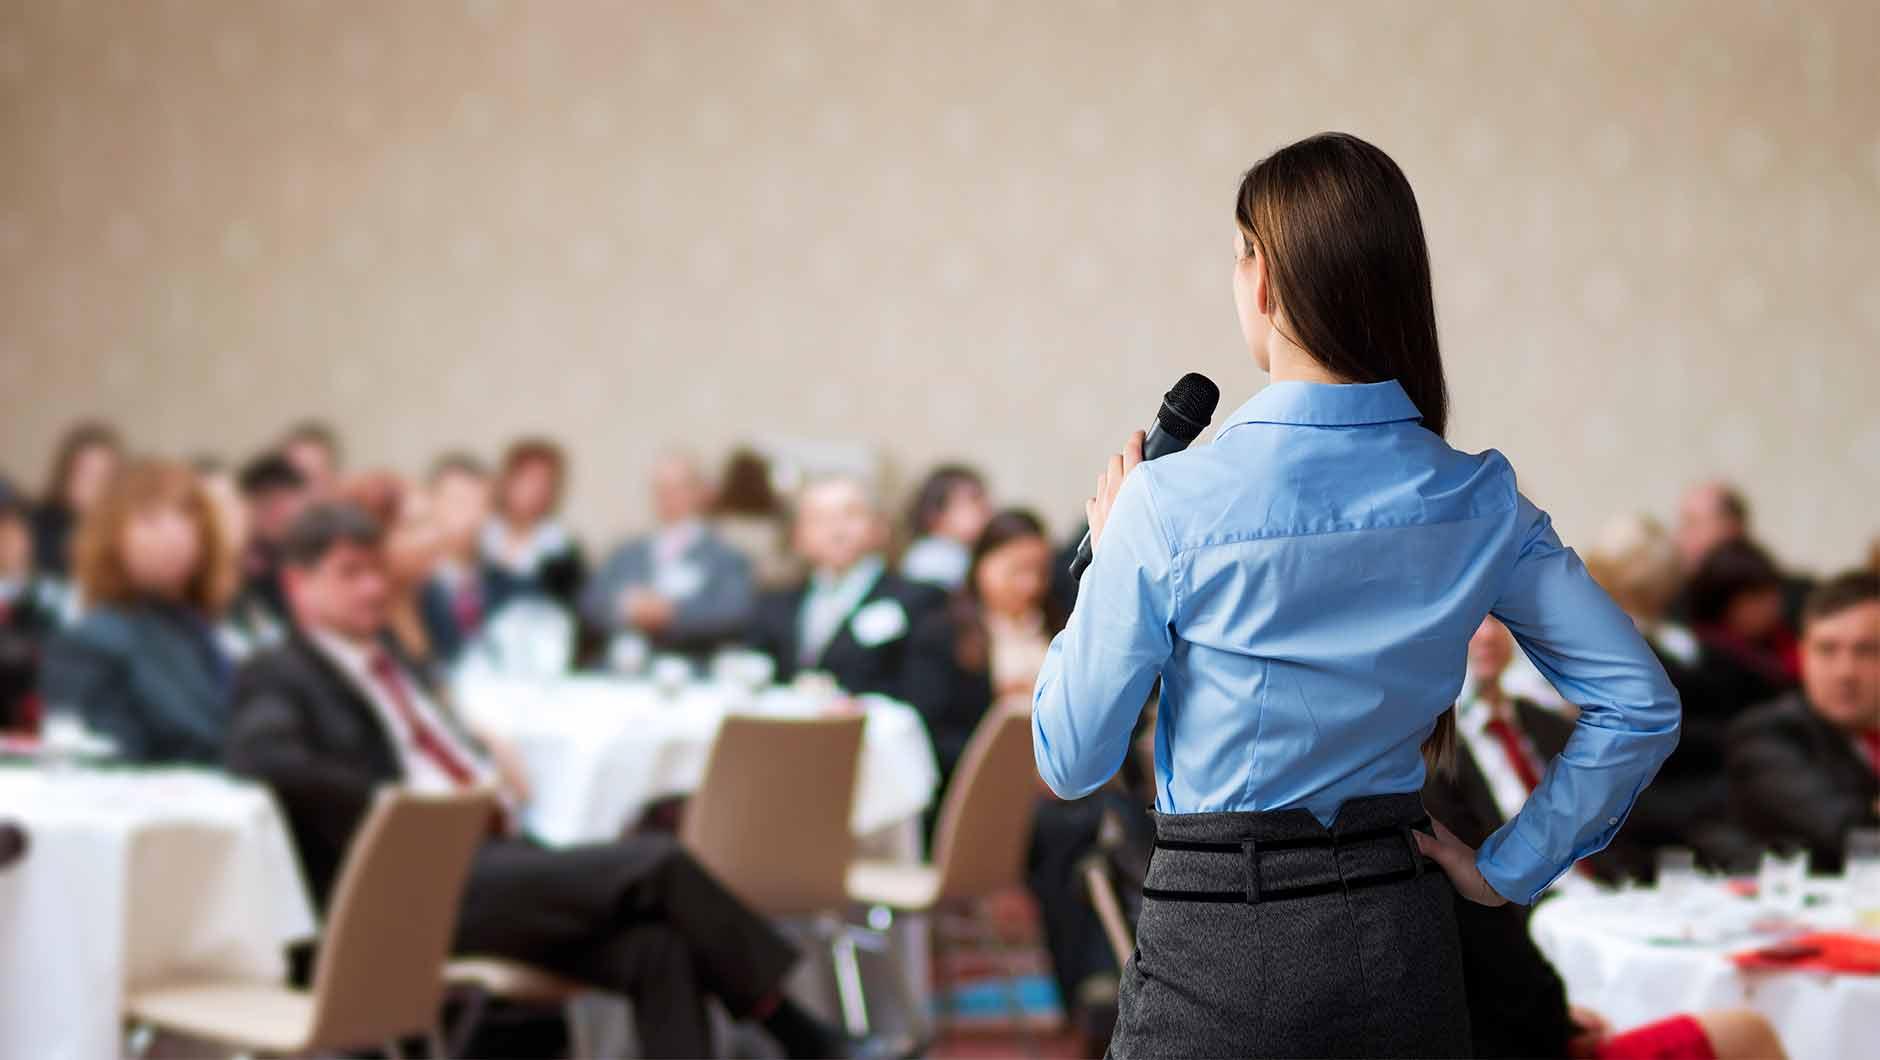 Организация мероприятий для бизнес спикеров: бизнес-тренеров, менеджеров, маркетологов, коучей, психологов, предпринимателей